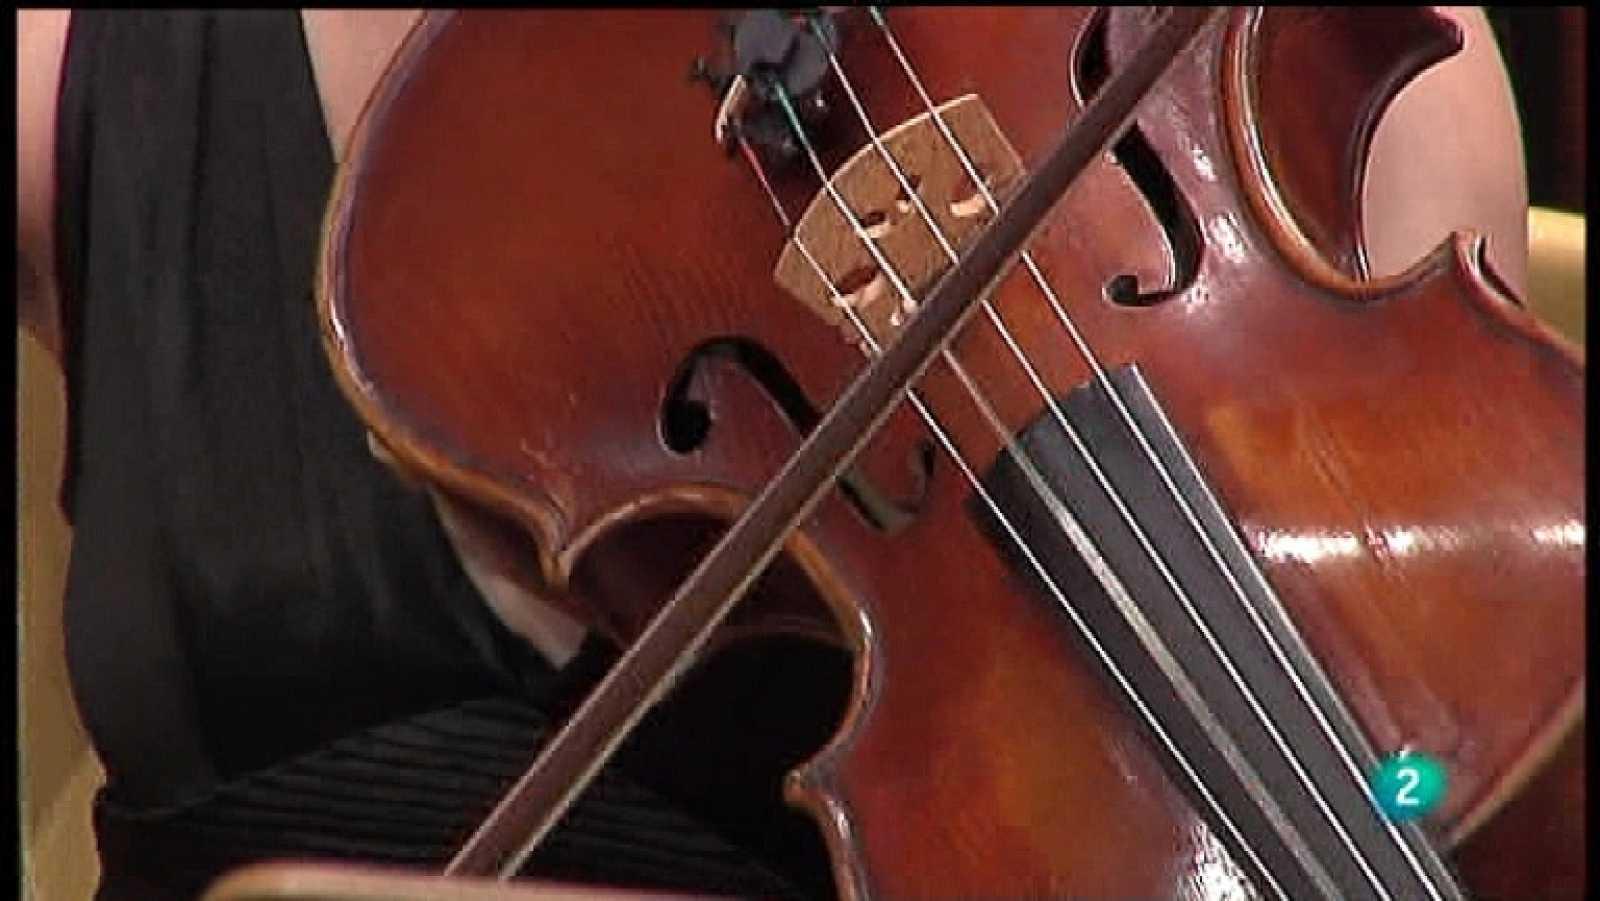 Los conciertos de La 2 - Concierto ORTVE A - 5  - Ver ahora